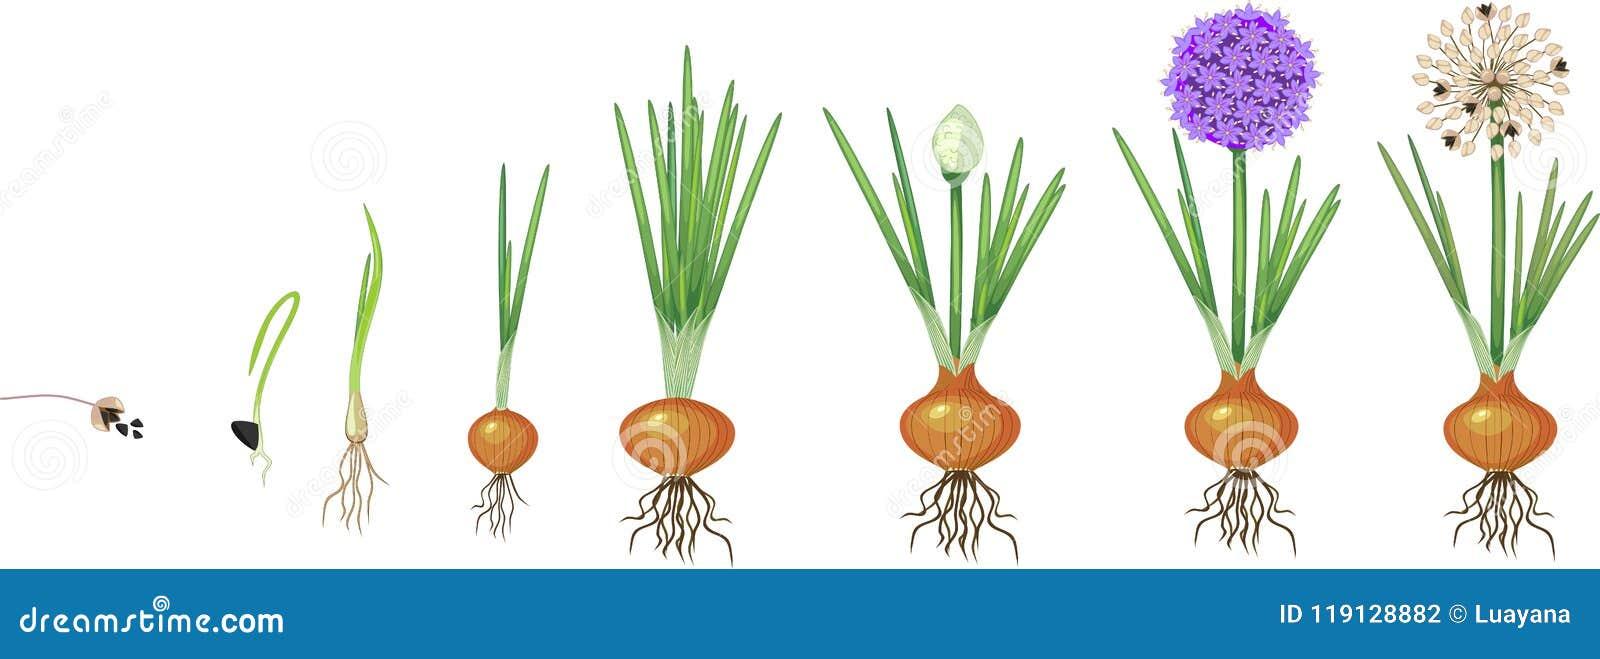 коренастых этапы роста лука в картинках съемка других